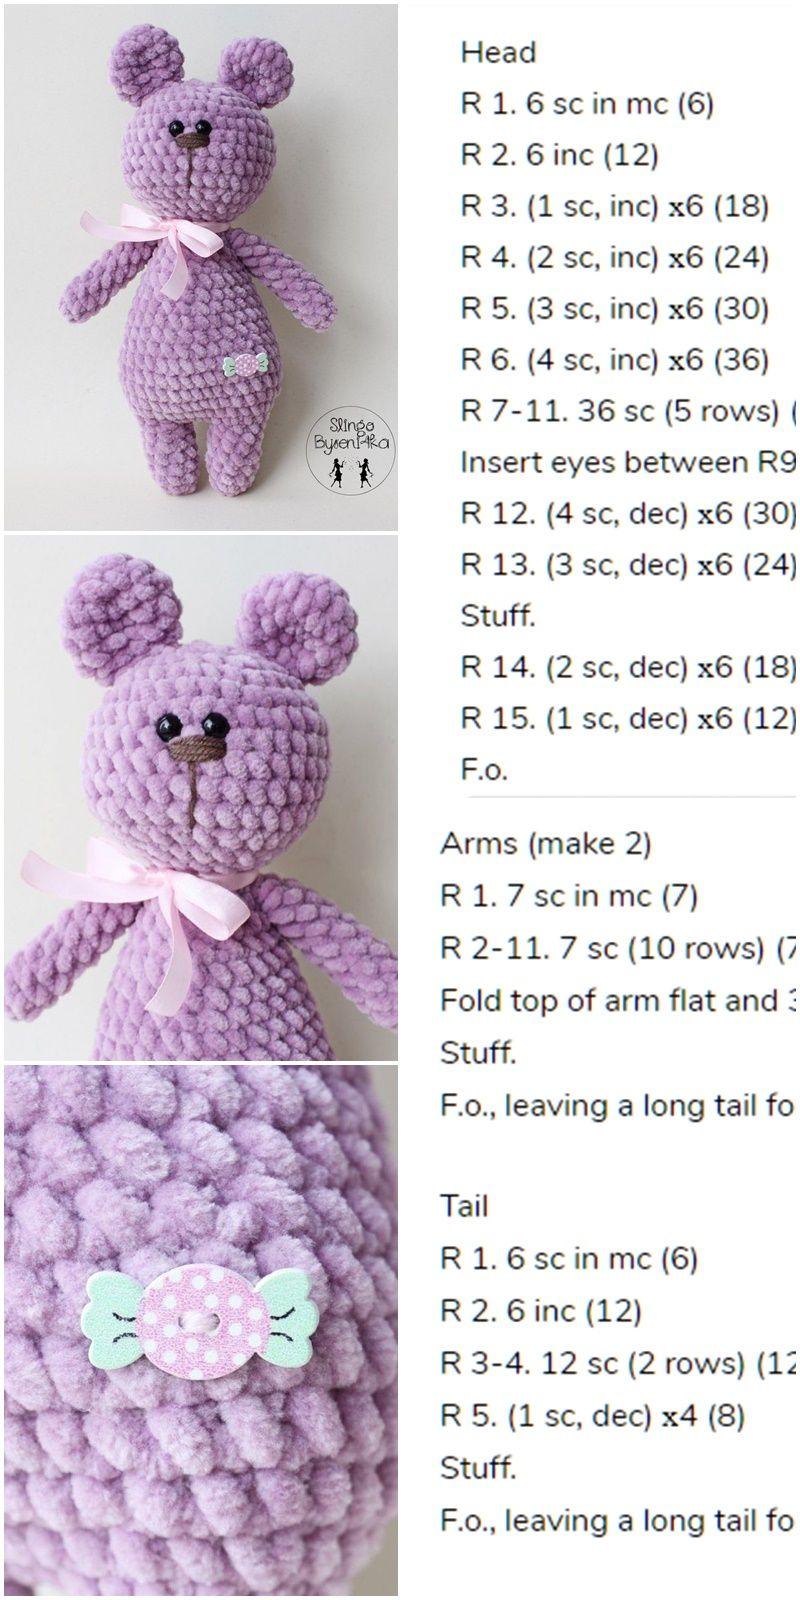 Warm teddy bear puffy effect a crochet amigurumi soft velvety | Etsy | 1600x800